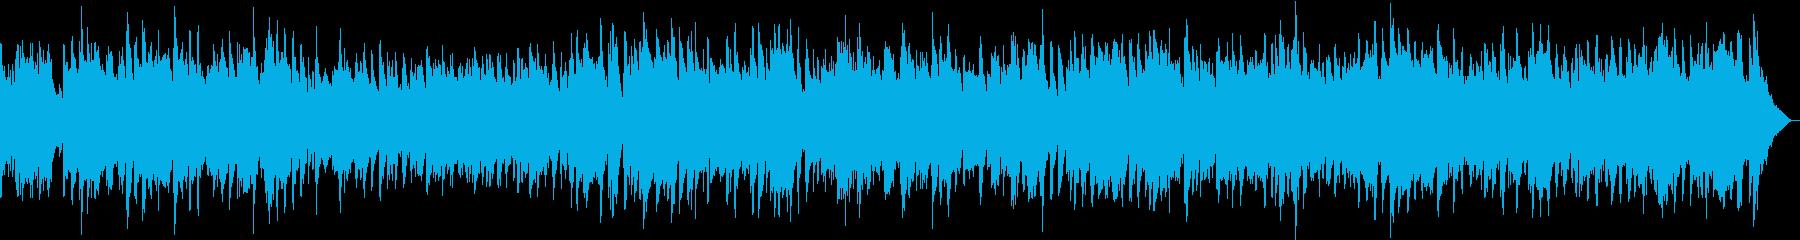 エンディングに似合うバラードの再生済みの波形